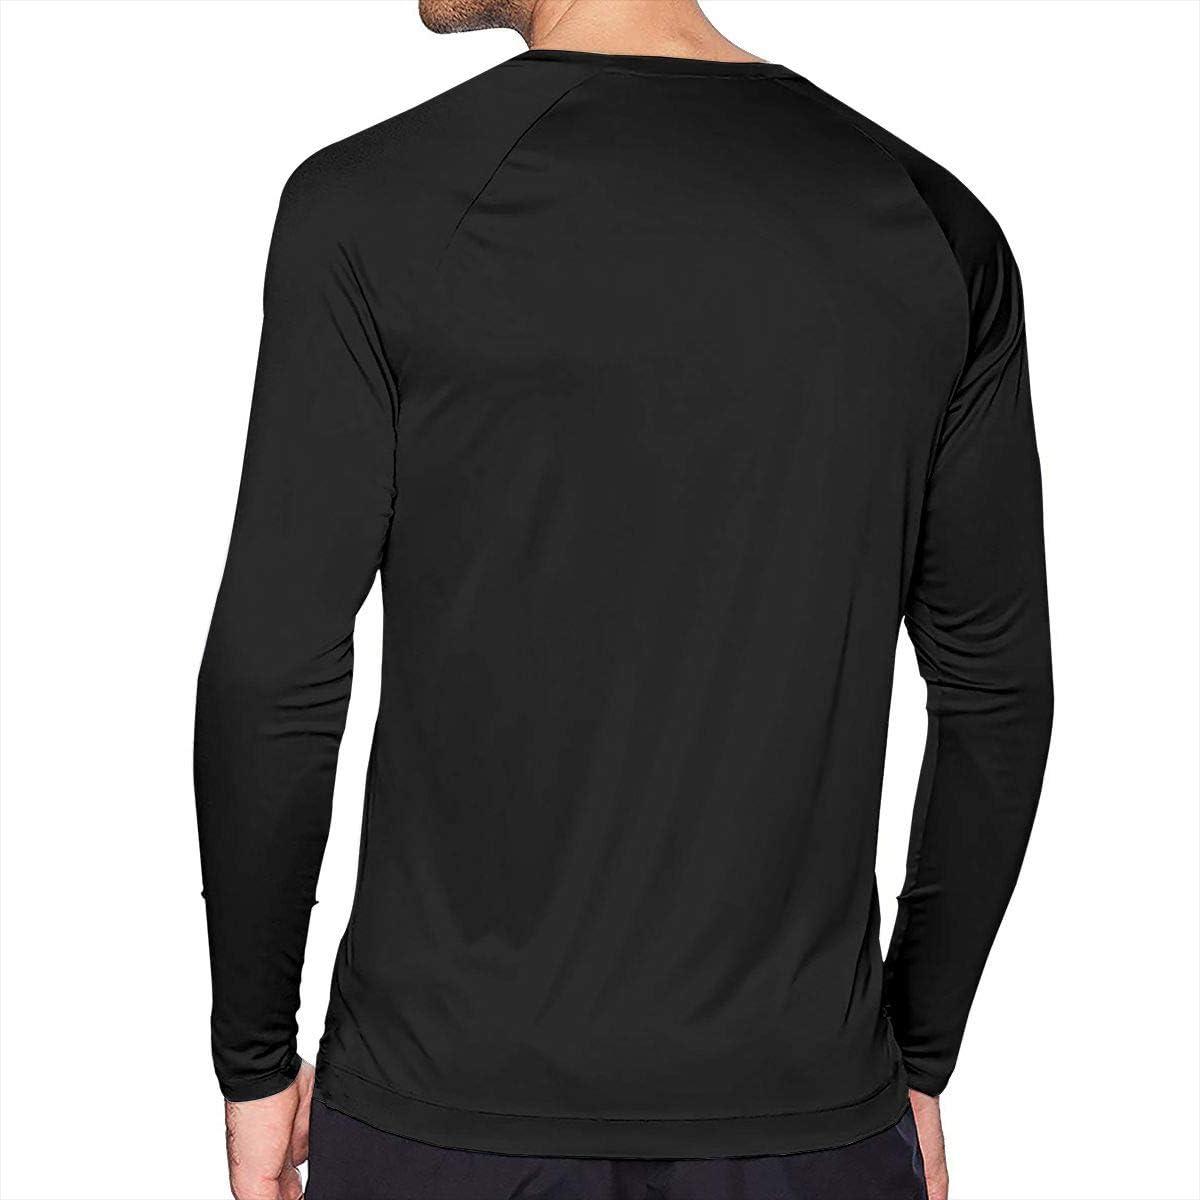 Custom Spongebob and Patrick Row Long-Sleeve Tshirts for Mens